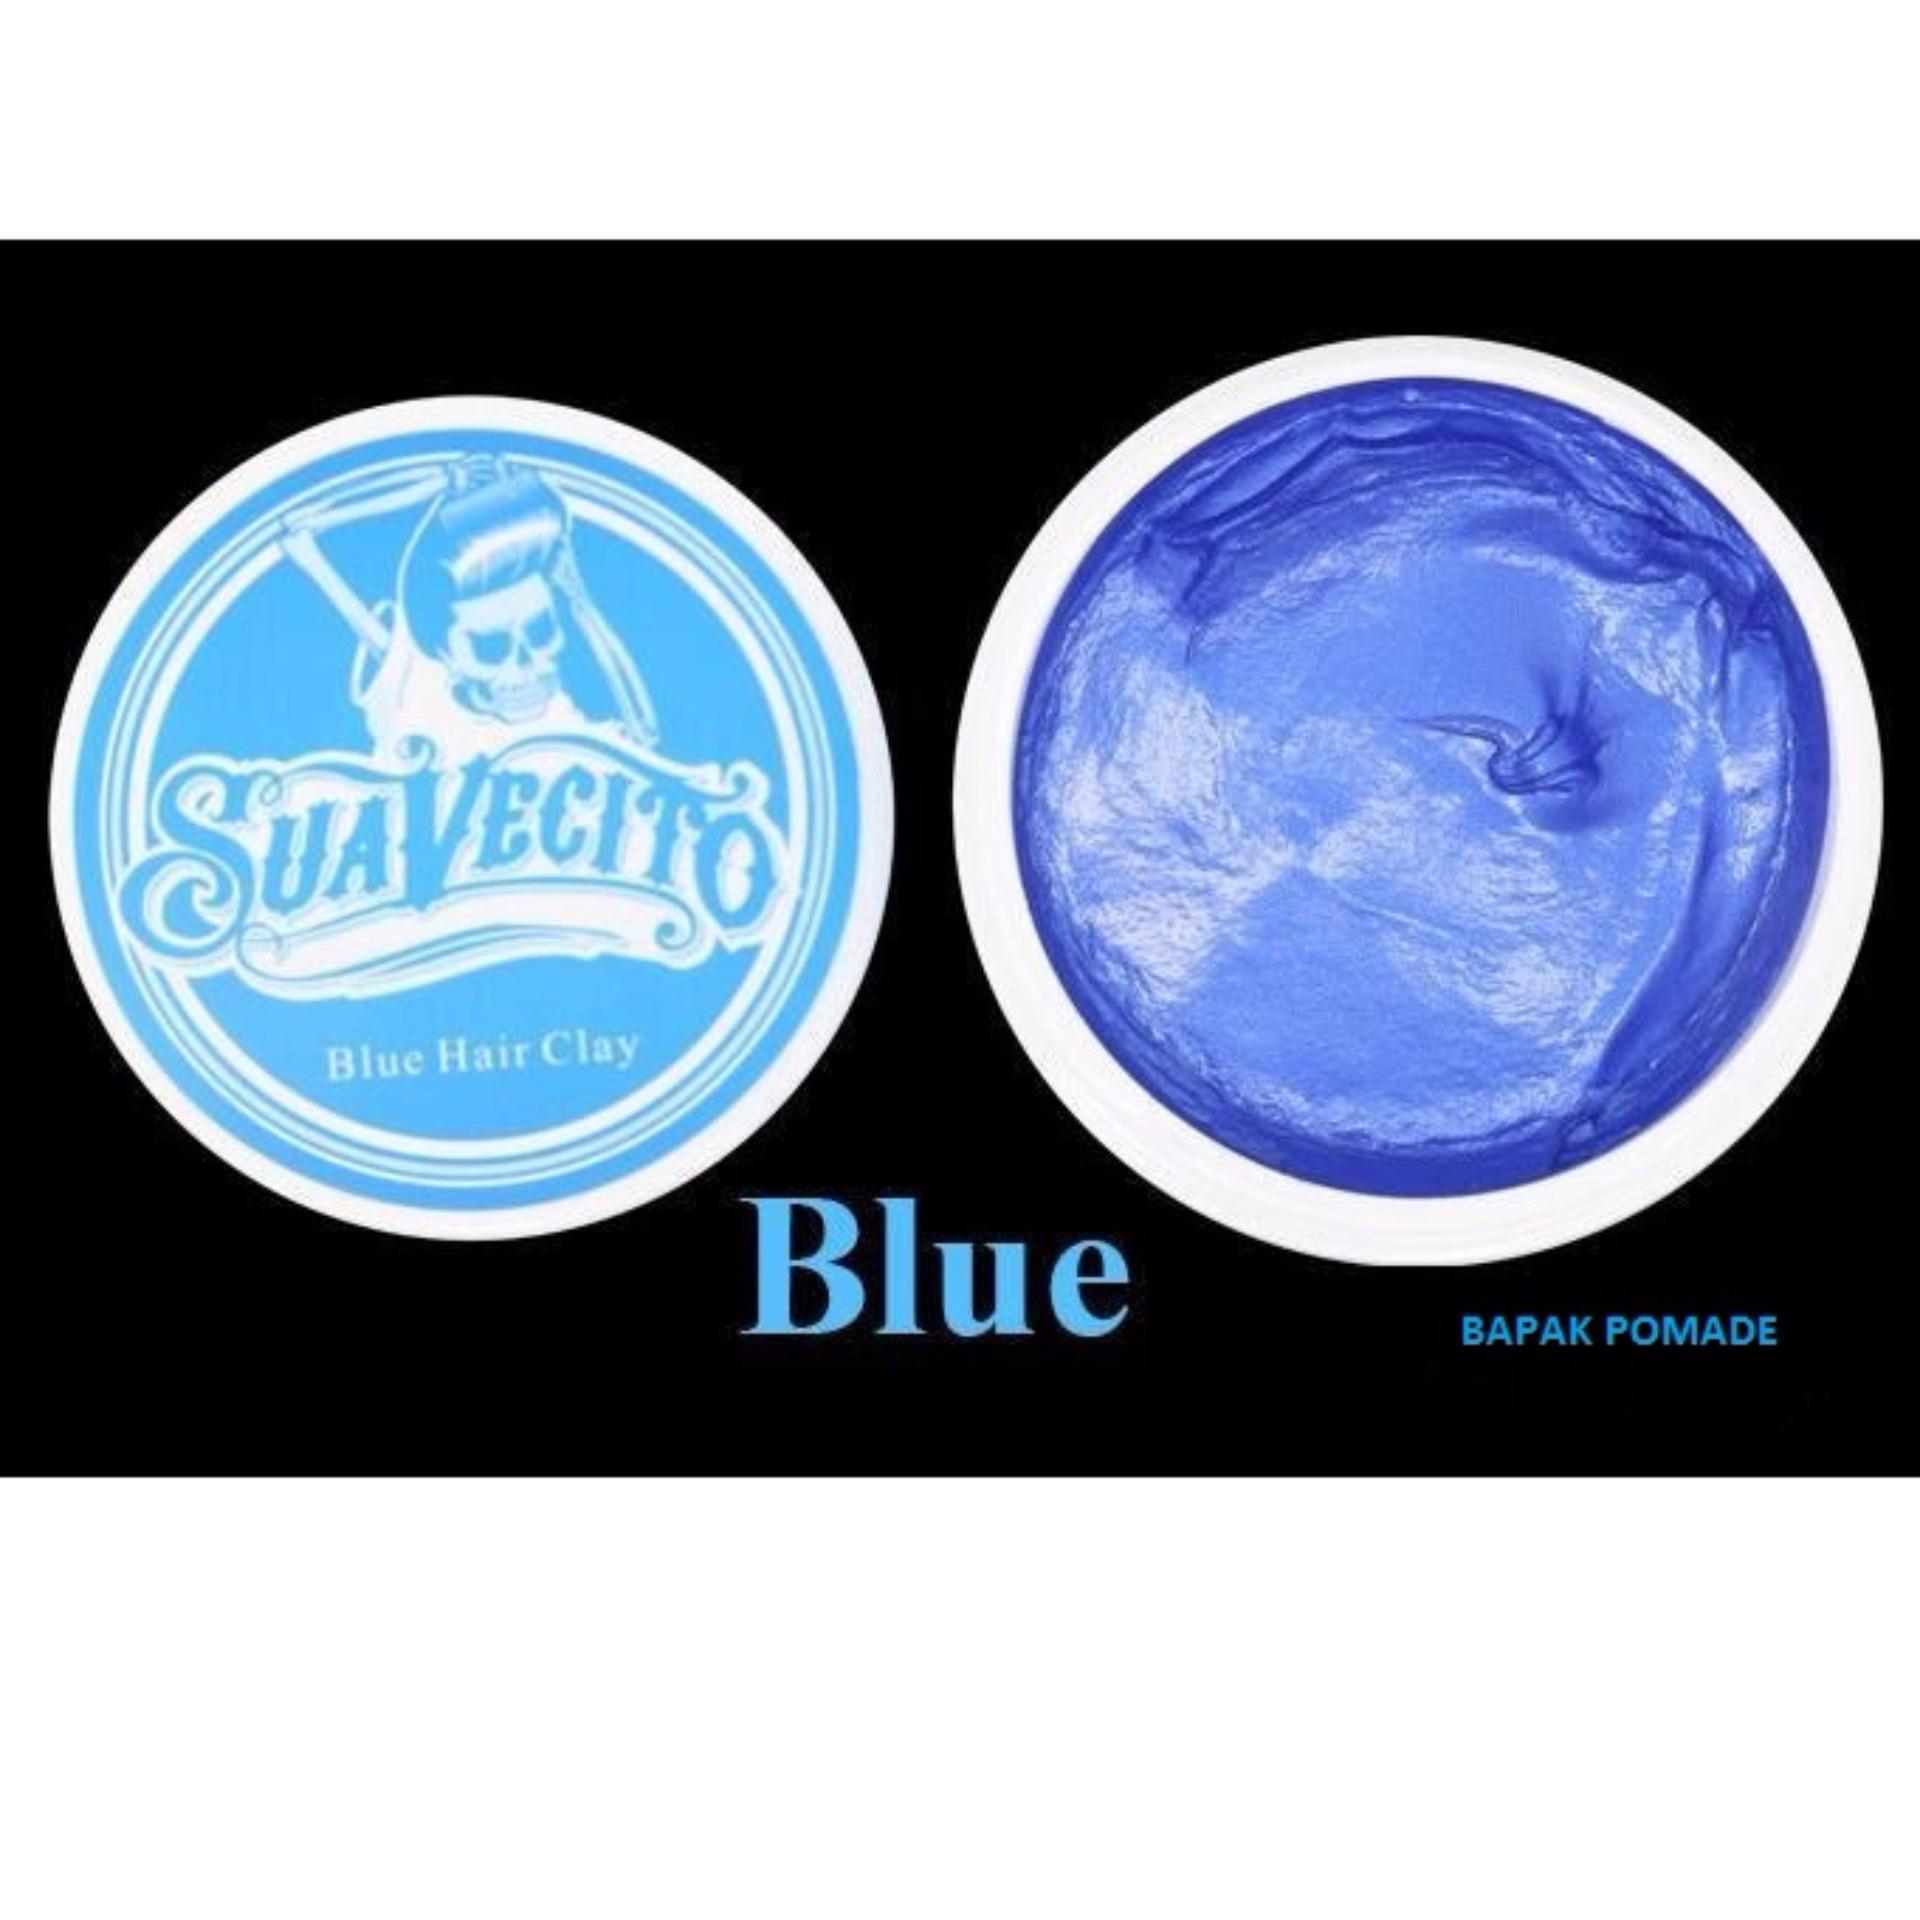 Info Harga Suavecito Color Coloring Colouring Wax Clay Pomade Battery Baterai Acer 4741 4349g 4750 4738z 4738 4739g 4739 E1 471 5750 As10d51 As10d53 As10d31 As10d3e As10d41 As10d61 As10d71 As10d81 As10d75 Hair Pewarna Nonpermanent Warna Tidak Permanen Bandingkan Toko Colour